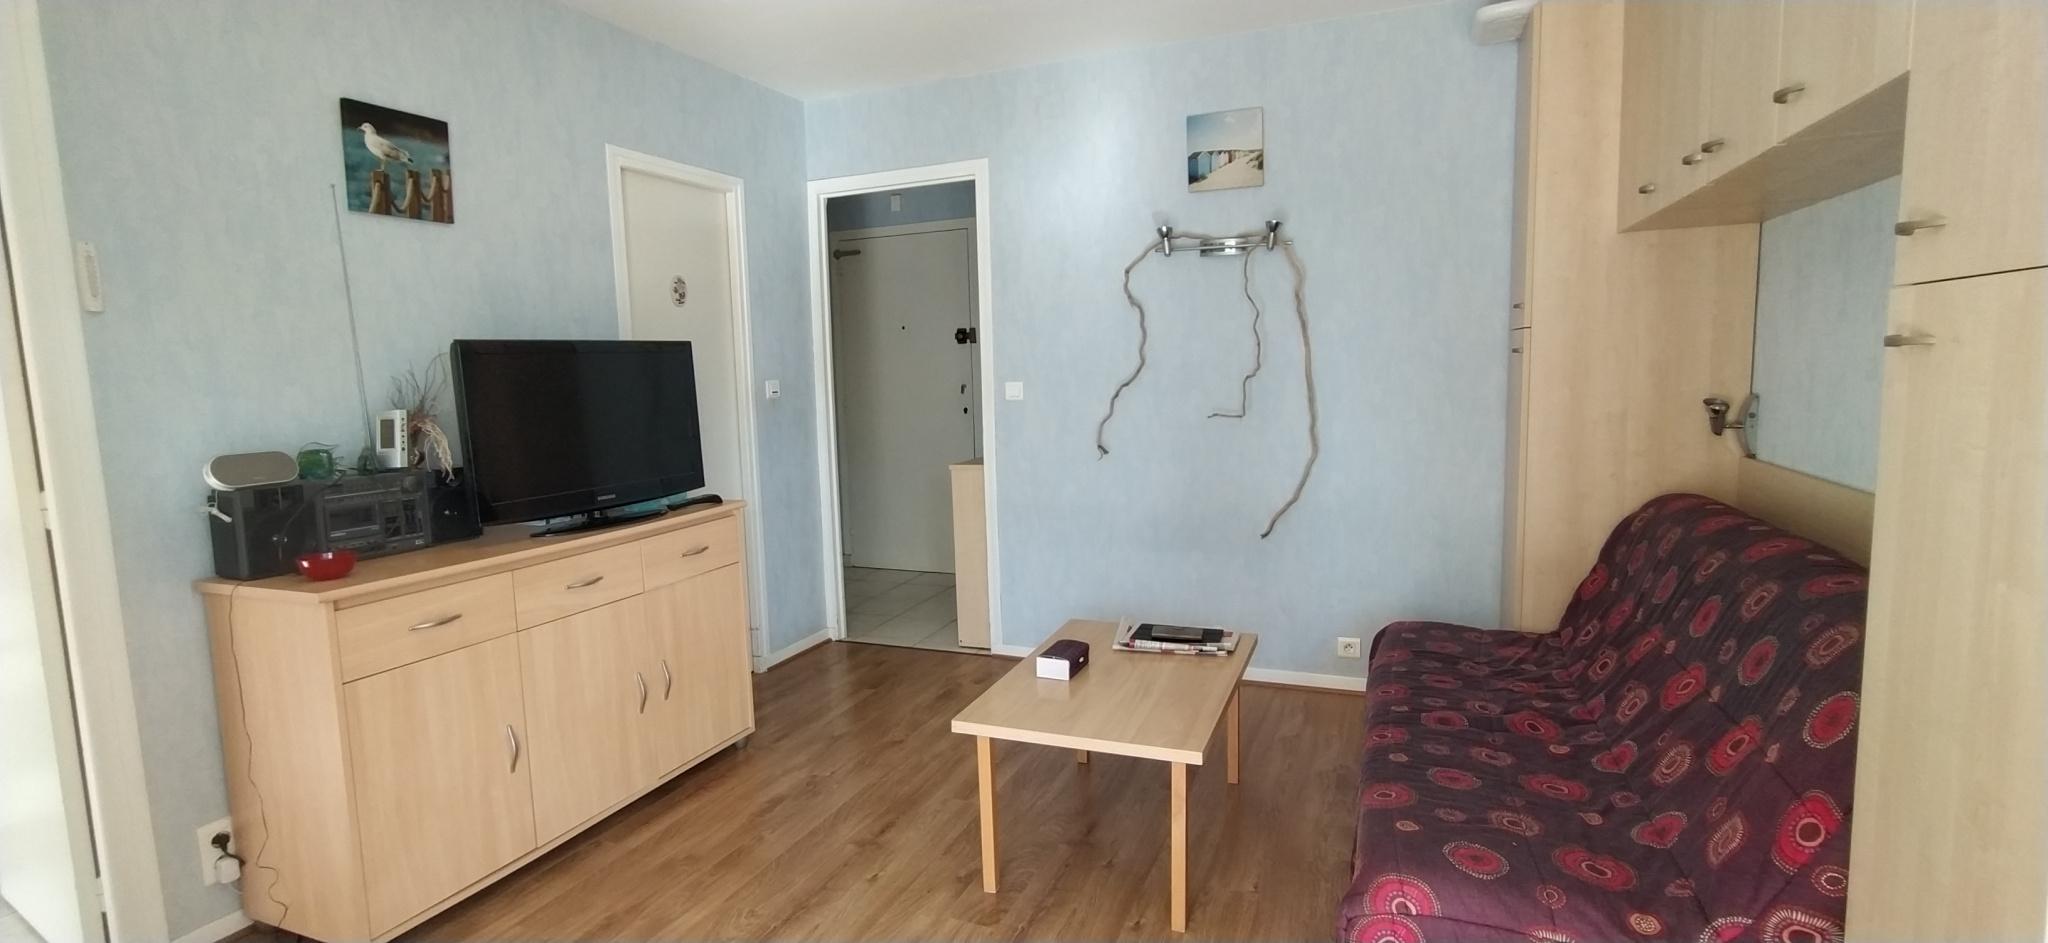 À vendre appartement de 45m2 à argeles sur mer (66700) - Photo 3'